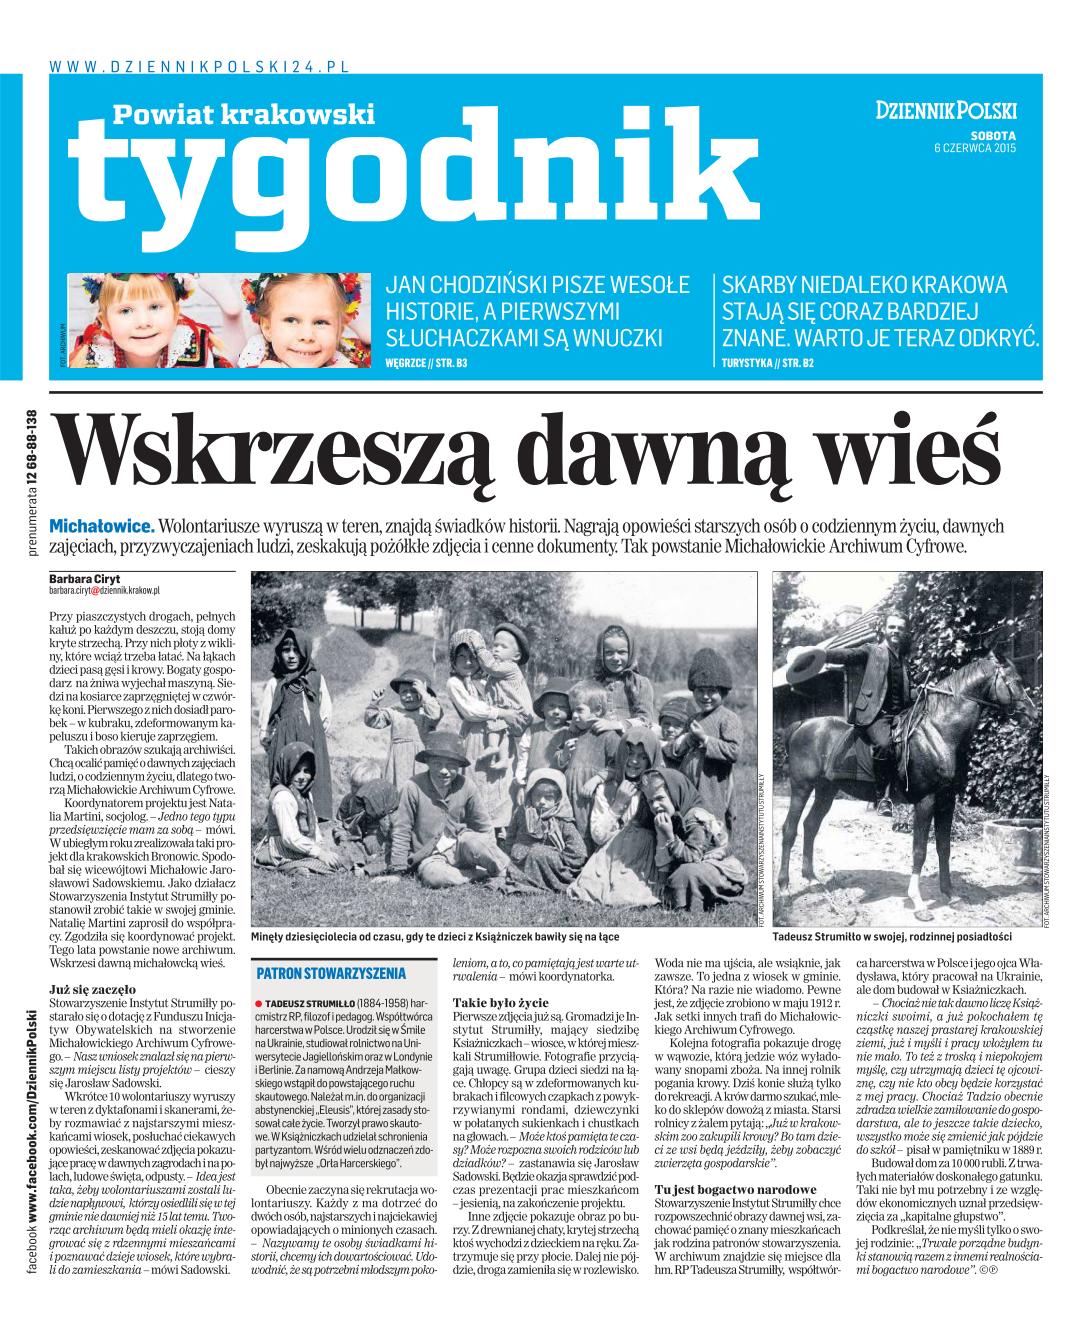 Dziennik_Polski_Kronika_krakowska_teren_06_06_2015[1]